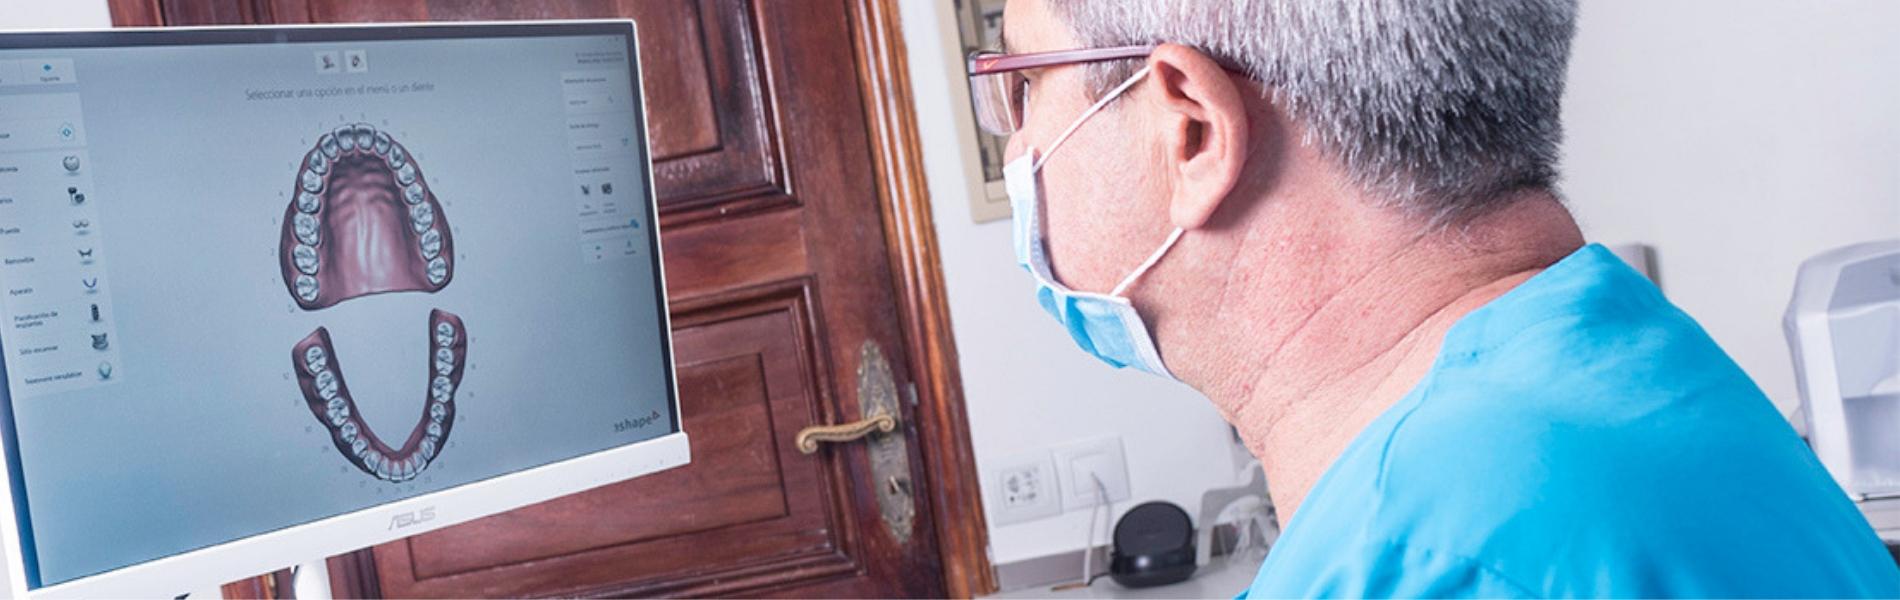 Diagnóstico Odontológico Avanzado